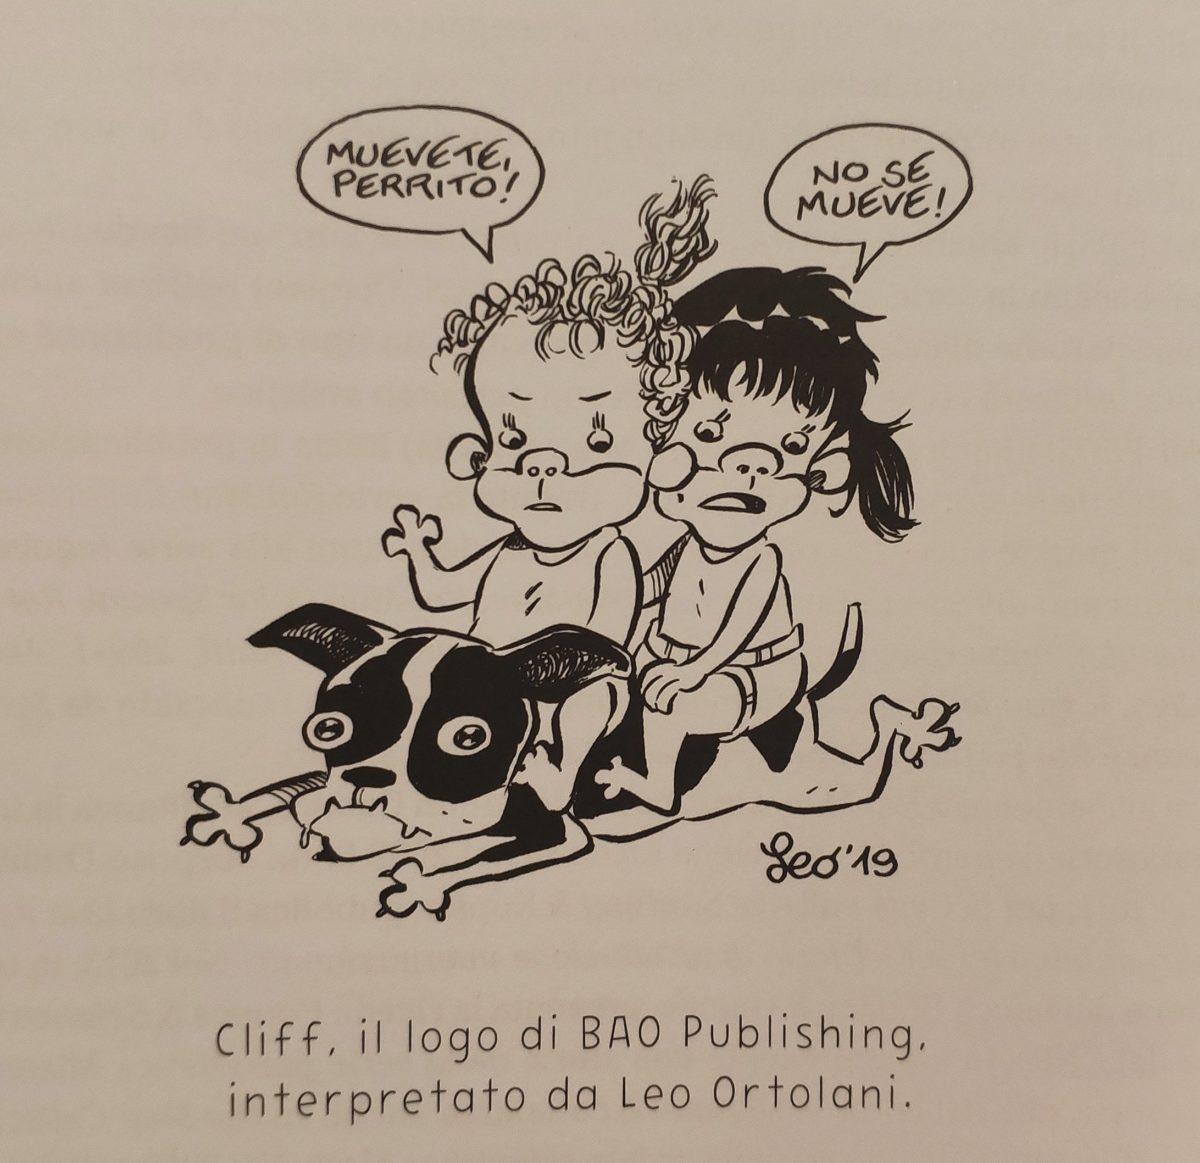 Mio caro fumetto... - Cliff di Bao Publishing in Due figlie e altri animali feroci è nelle grinfie delle figlie di Leo Ortolani